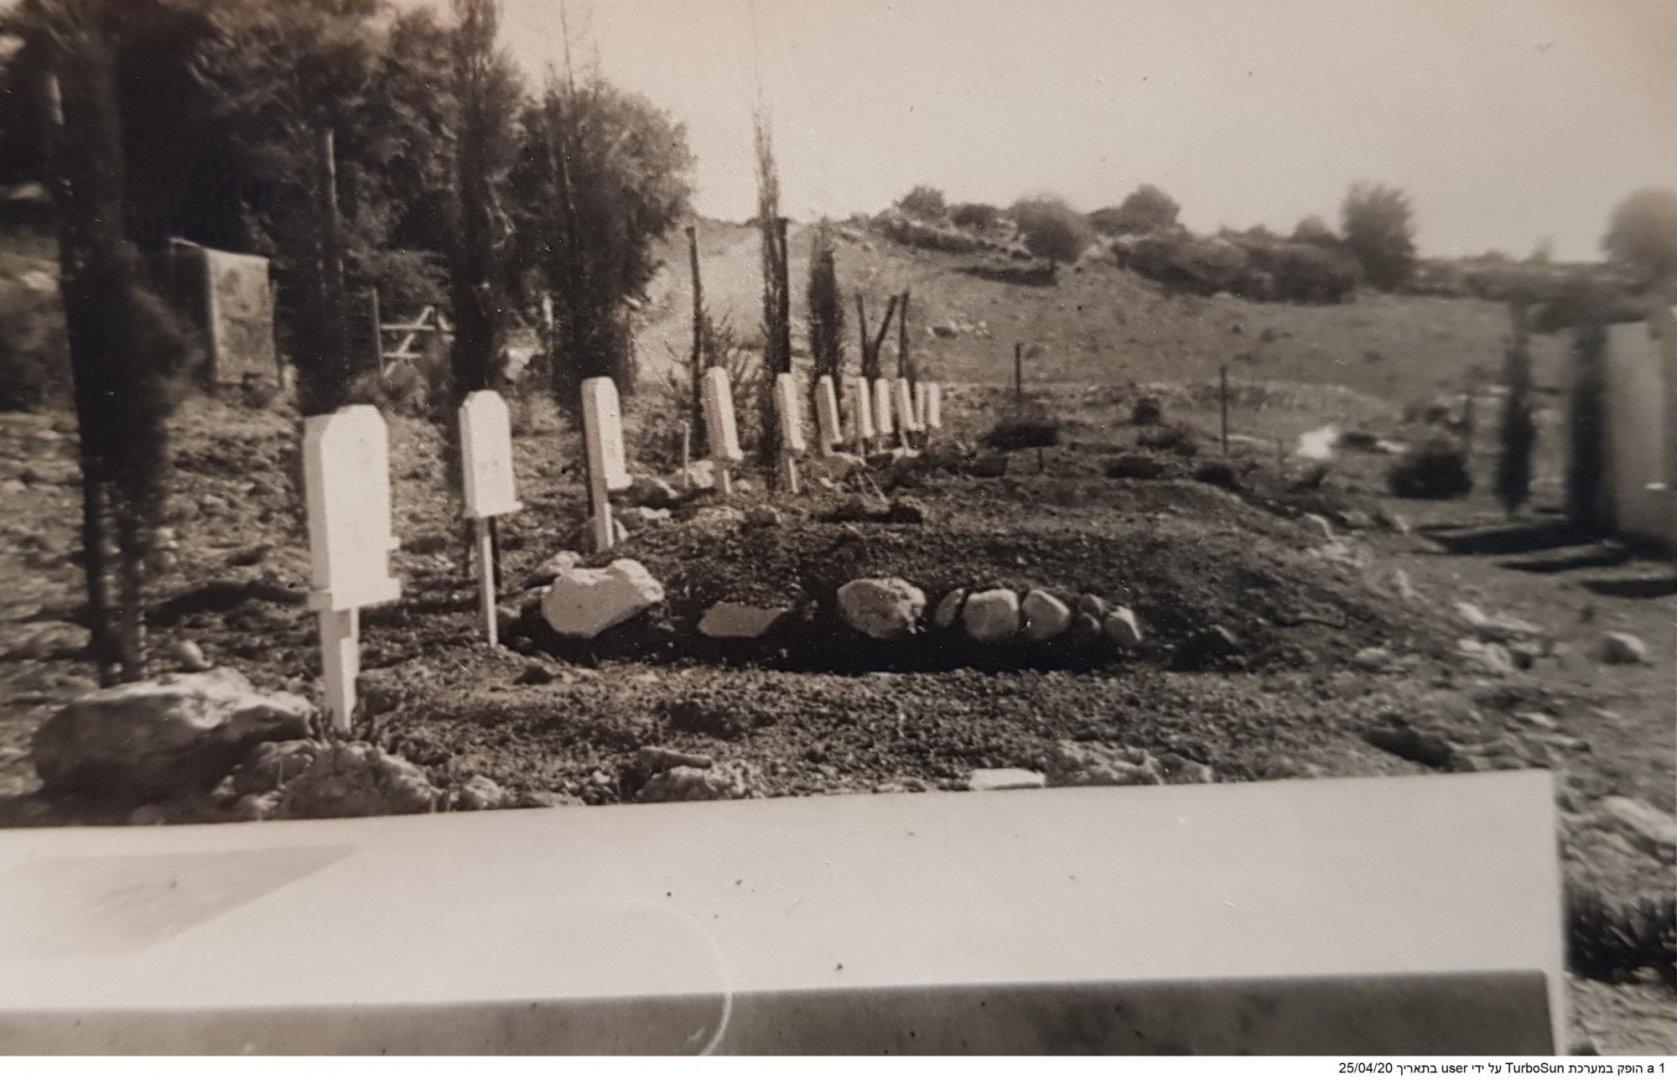 1 בית עלמין נהלל - החלקה הצבאית 1948 jpg